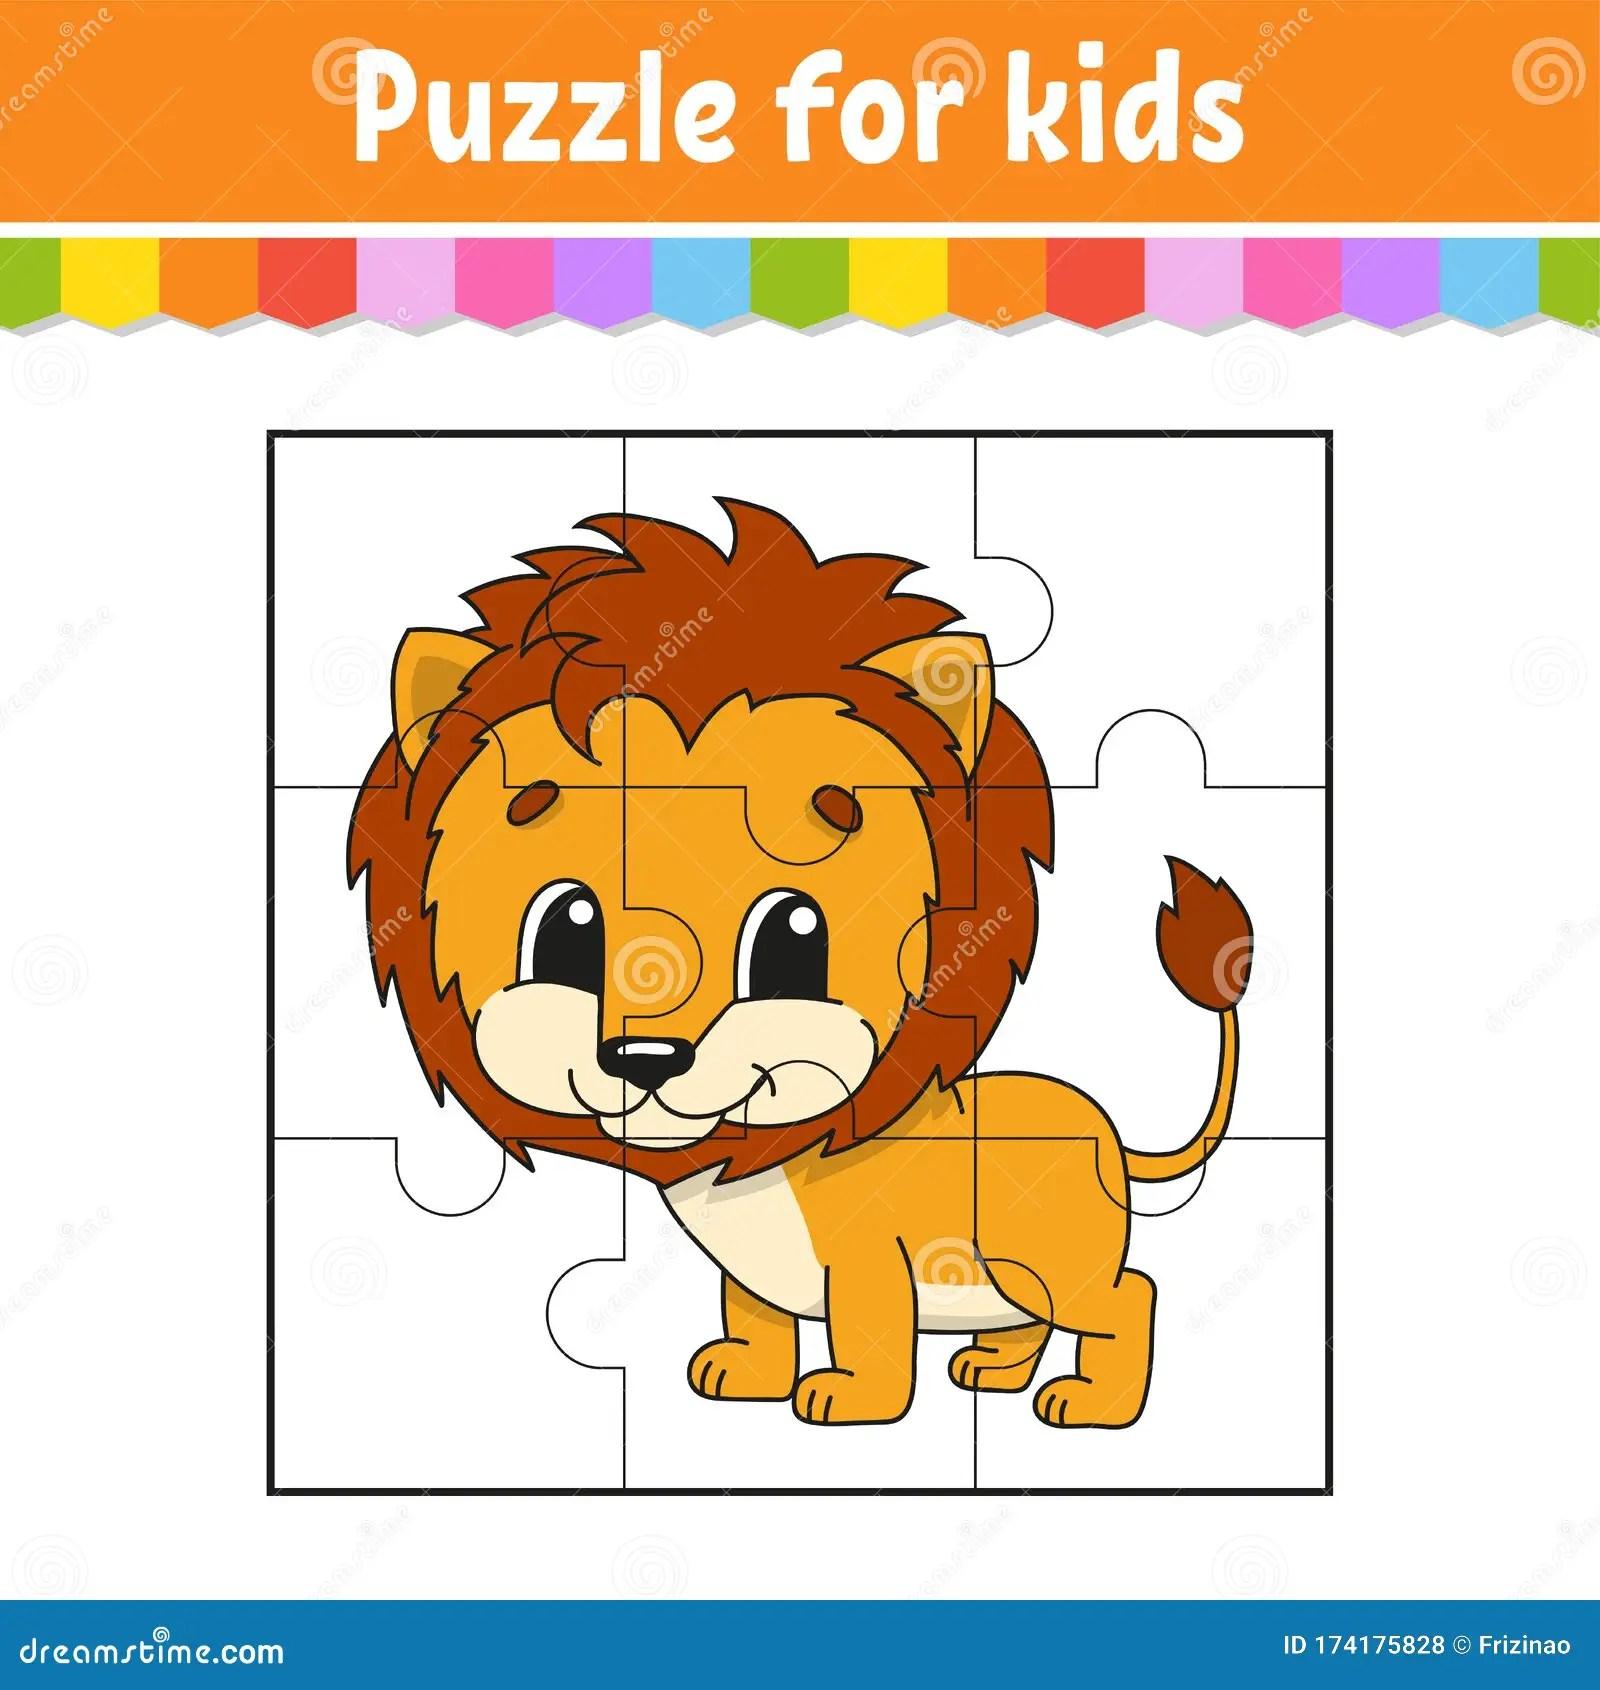 Puzzle Game For Kids Orange Lion Education Worksheet